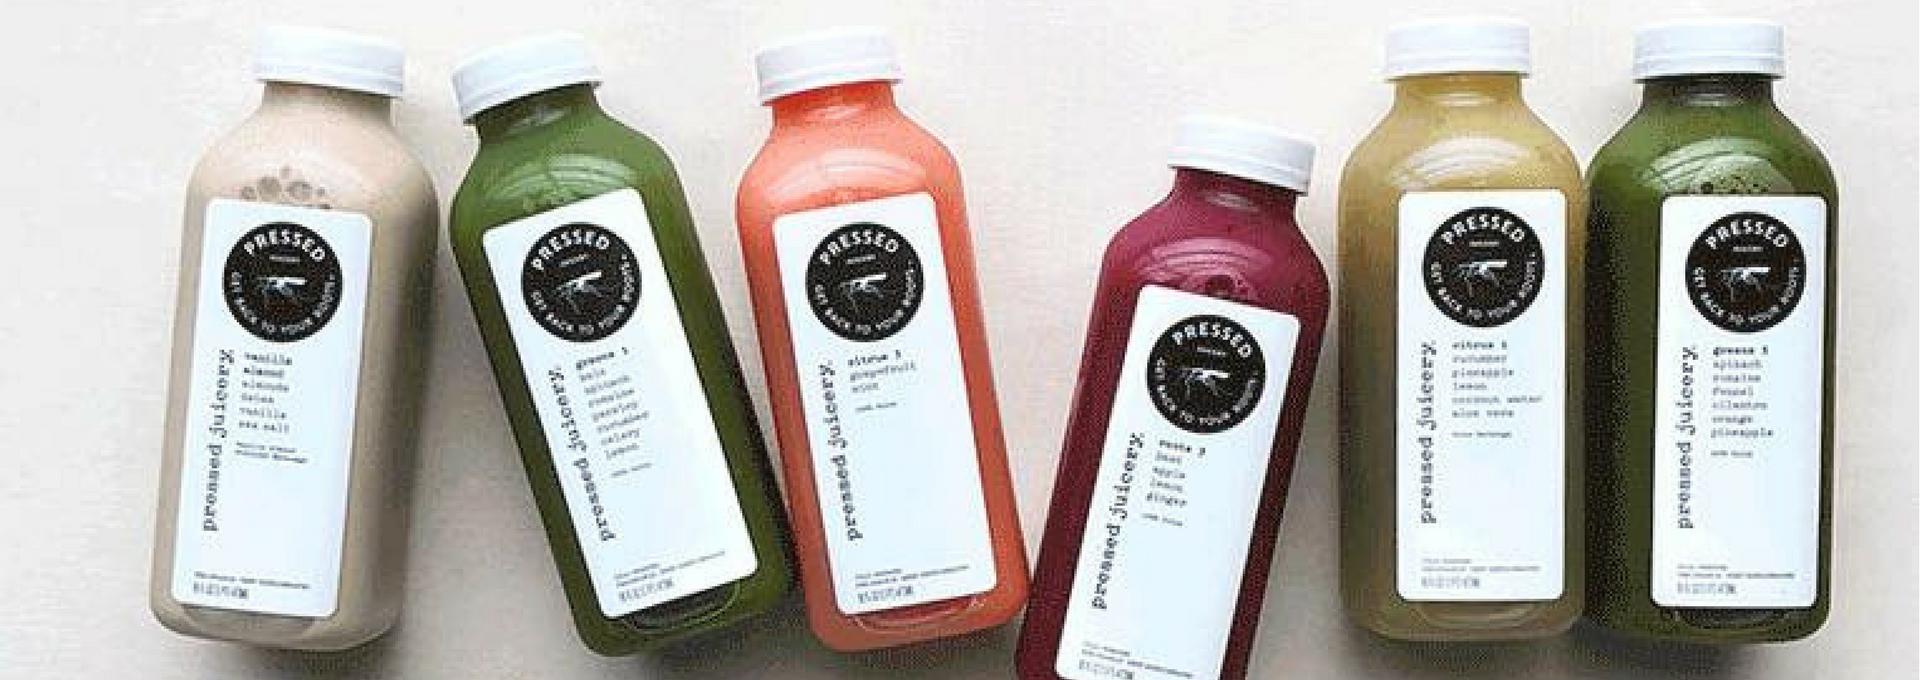 Bg hidpi pressed juicery